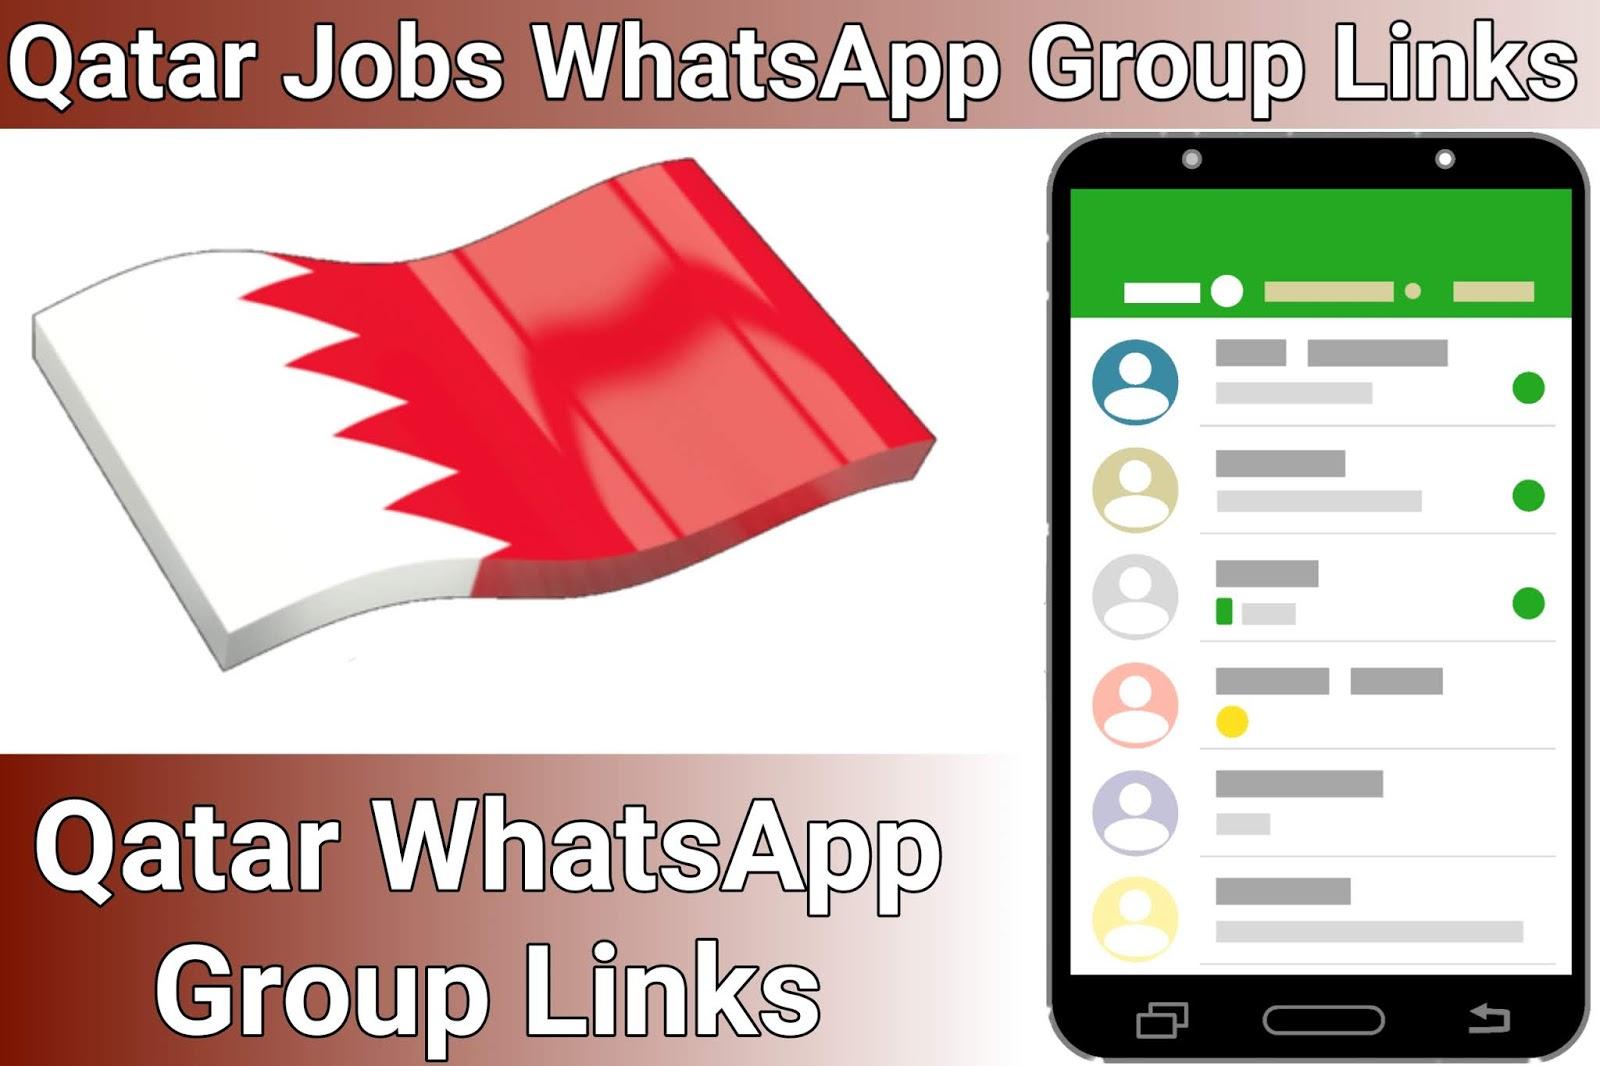 Qatar Jobs WhatsApp Group Link - Qatar WhatsApp Group Link